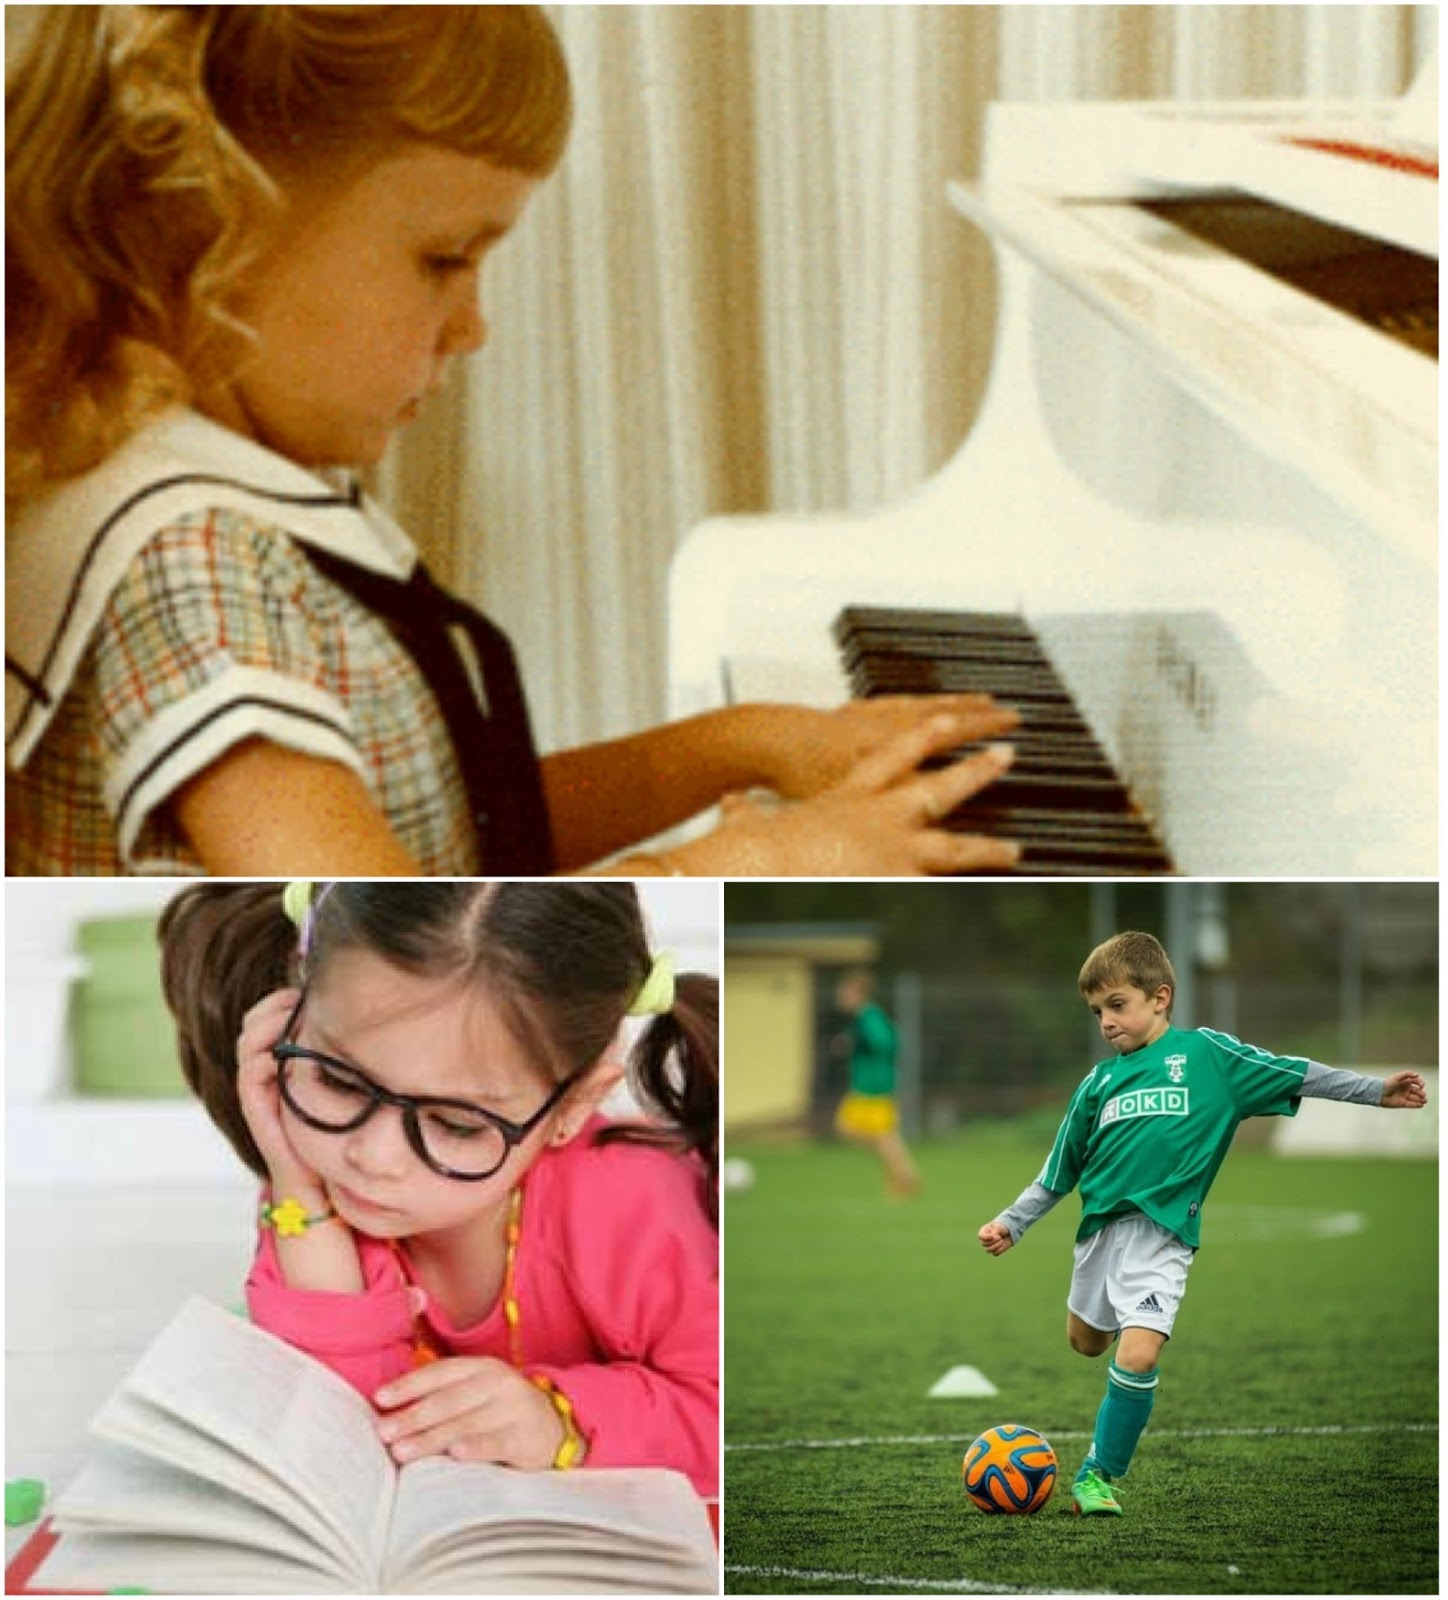 Pendidikan Berbasis Minat Dan Bakat Anak Brian Prasetyawans Blog